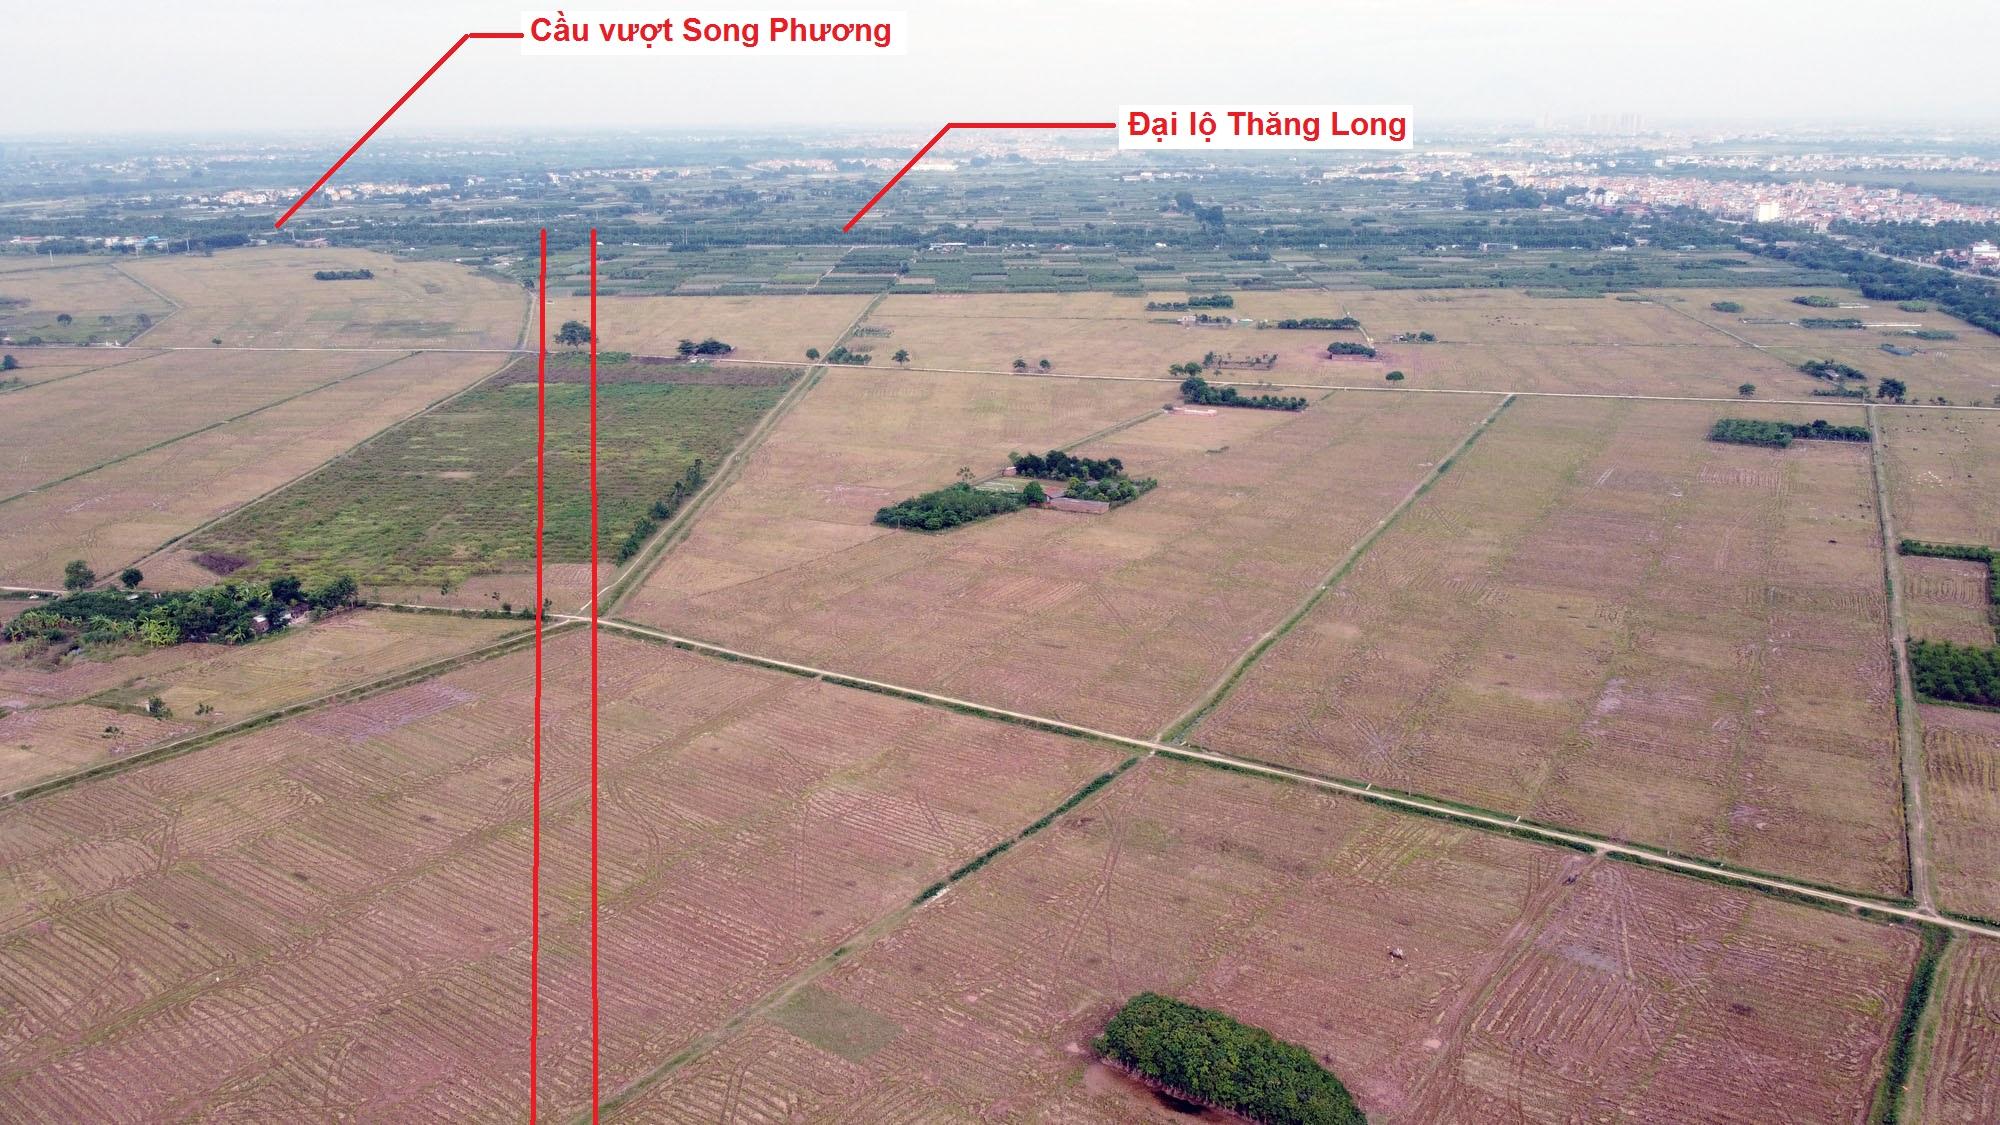 đường sẽ mở theo quy hoạch ở xã An Thượng, Hoài Đức, Hà Nội - Ảnh 4.